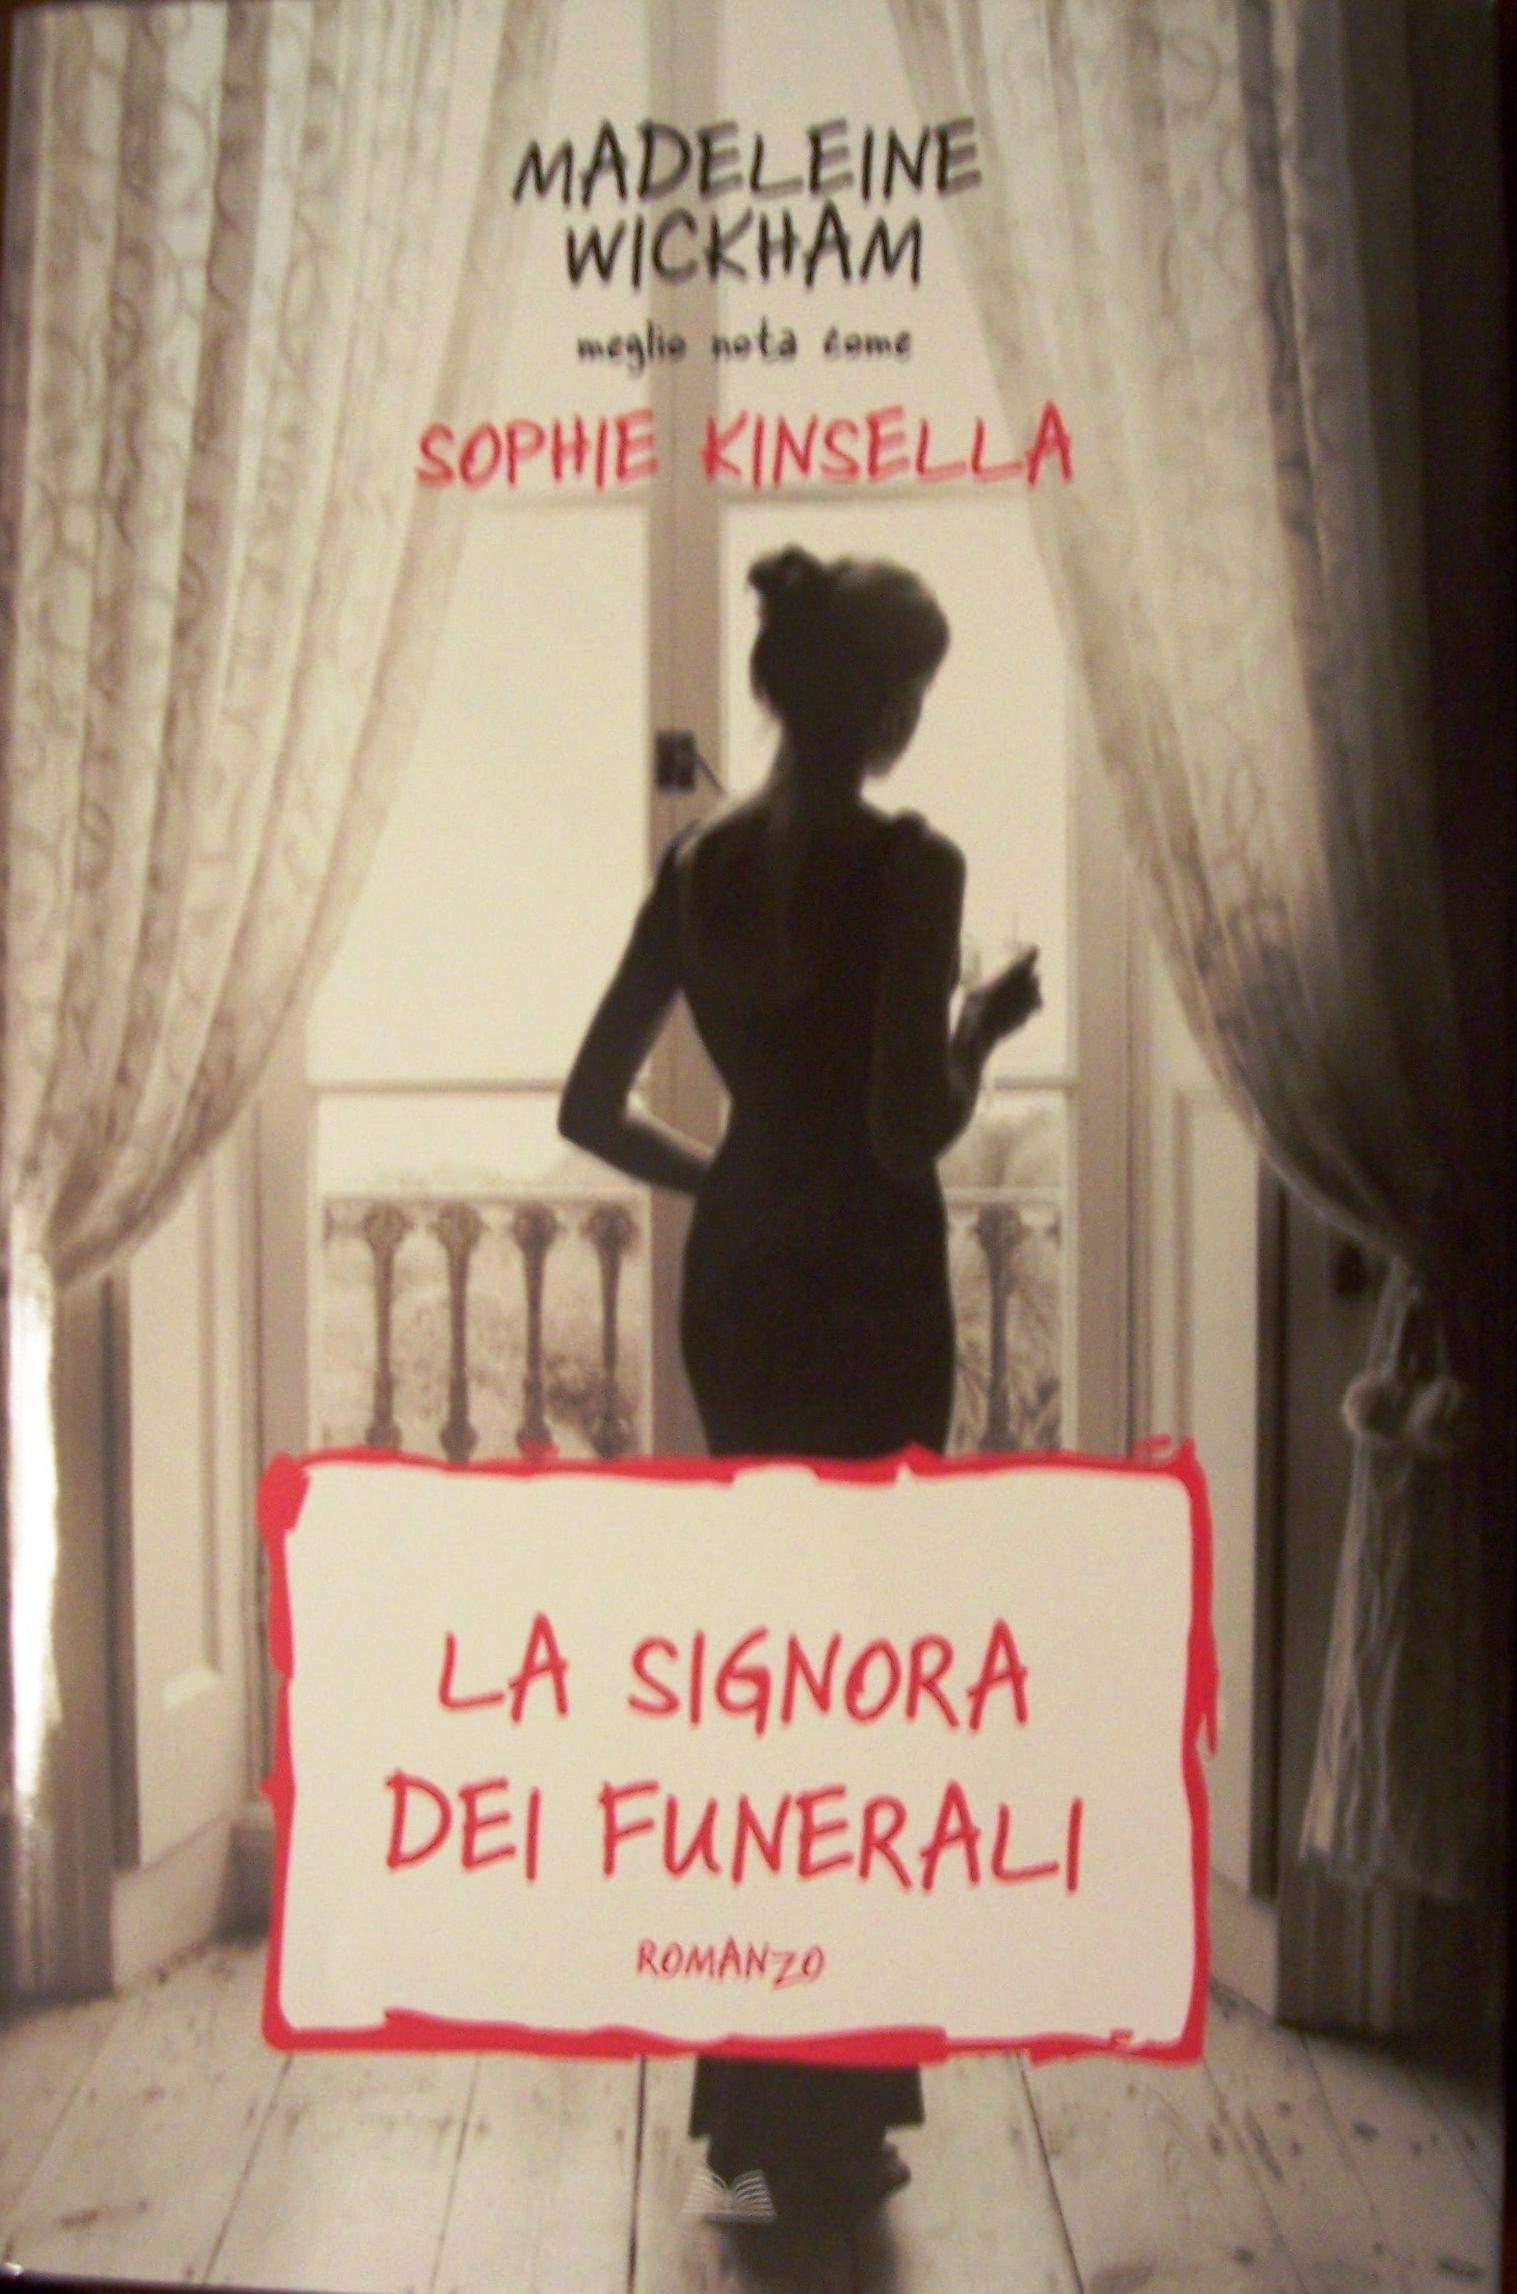 La signora dei funerali